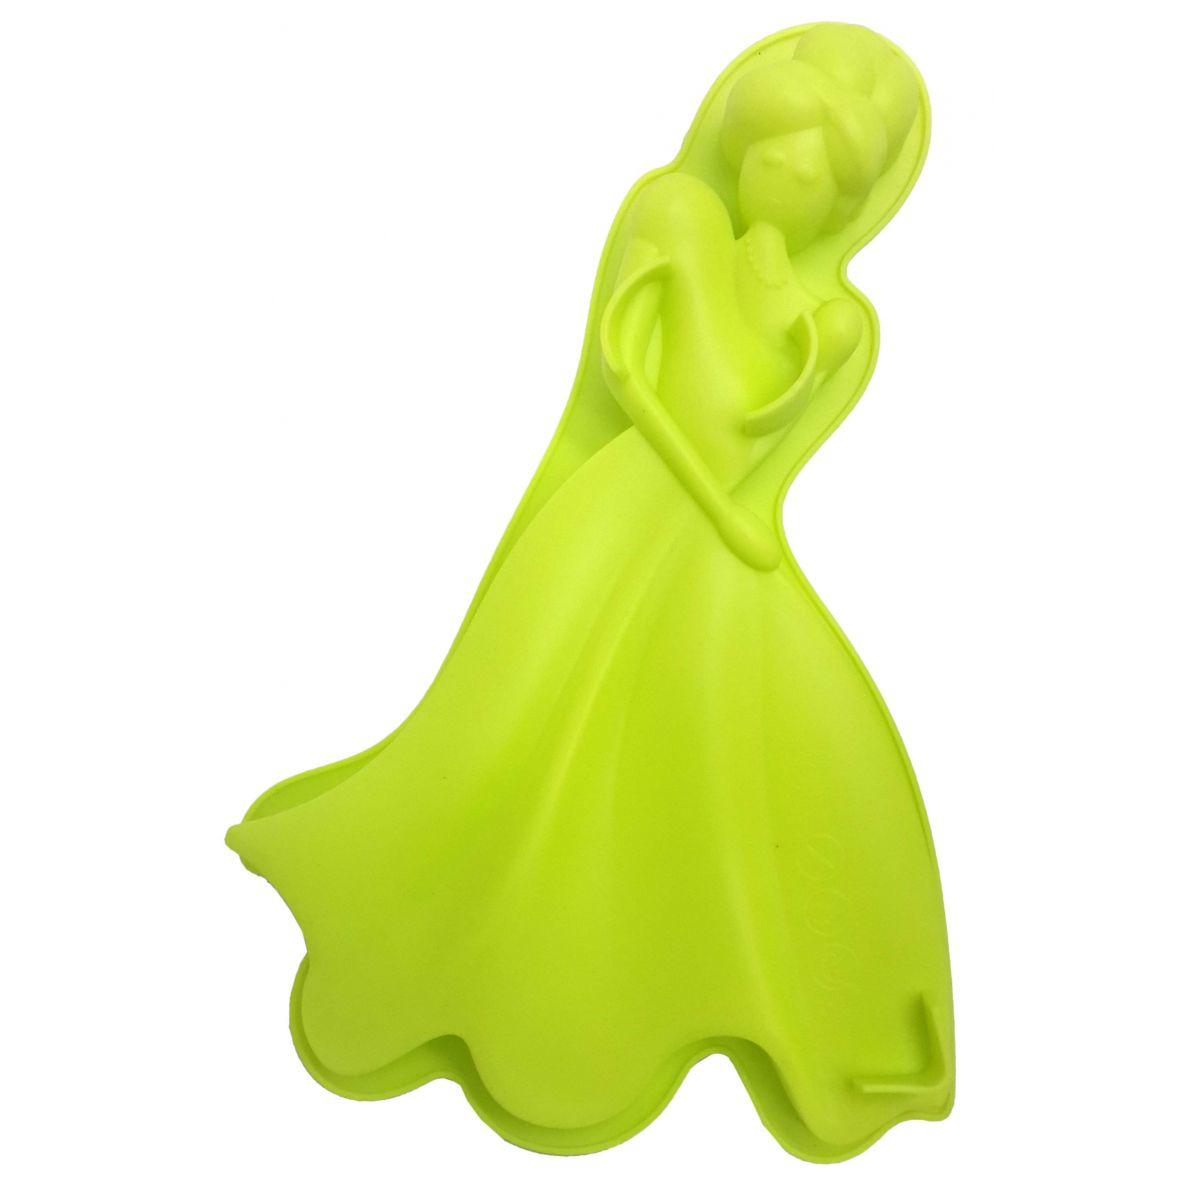 3 Forma de Silicone Para Doces Torta Pudim Bolo Cozinha Princesa Verde (sili-9)